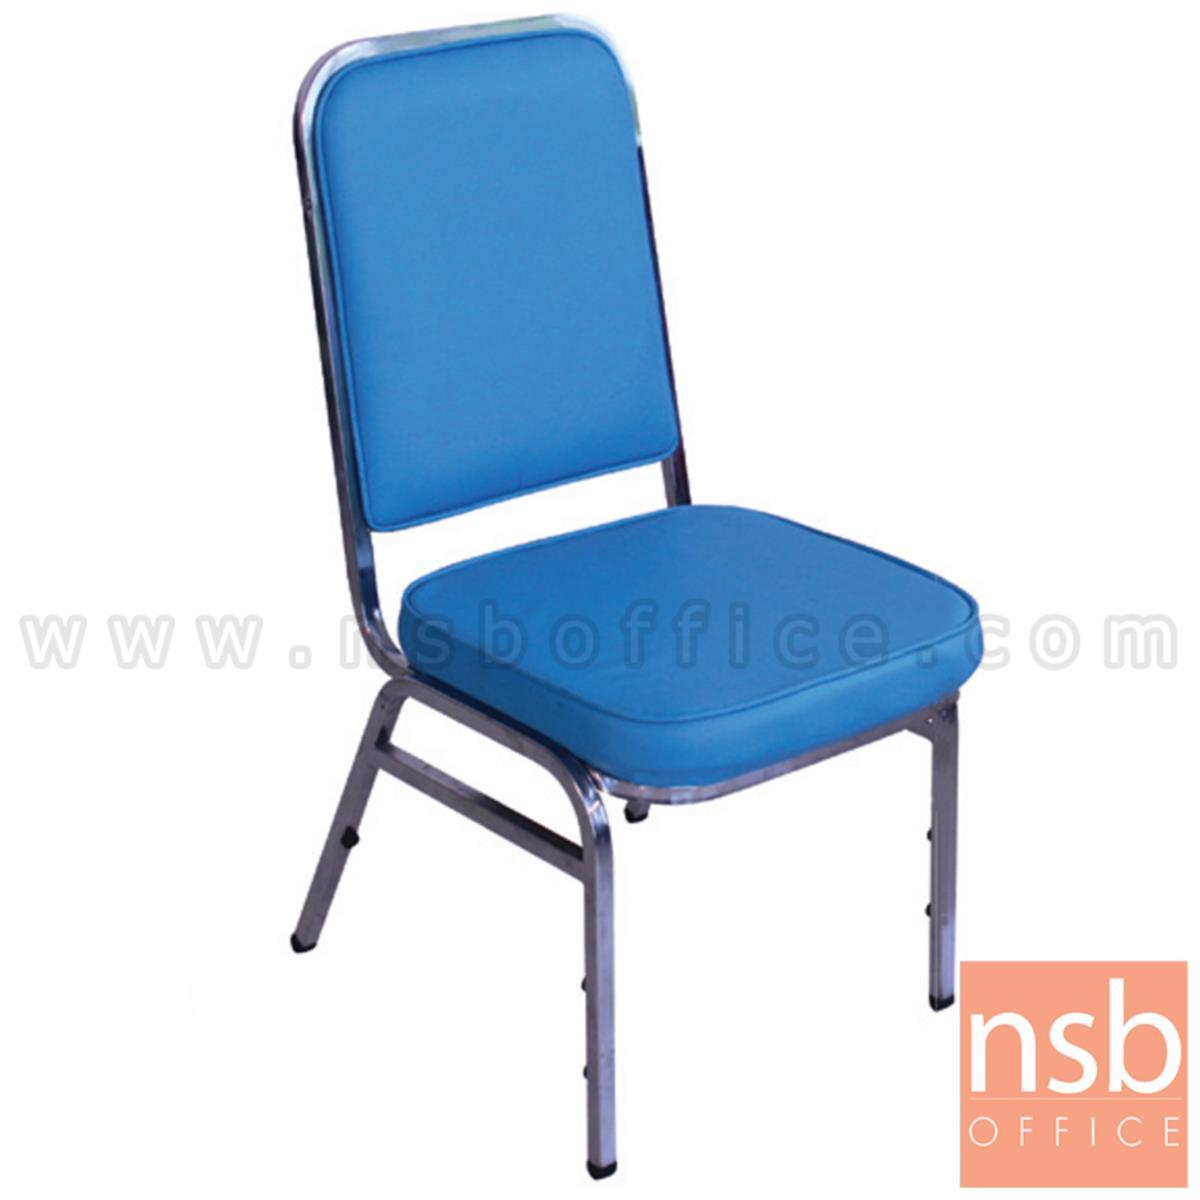 เก้าอี้อเนกประสงค์จัดเลี้ยง รุ่น Beatrix (บรีทริกซ์) ขนาด 90H cm. ขาเหล็ก